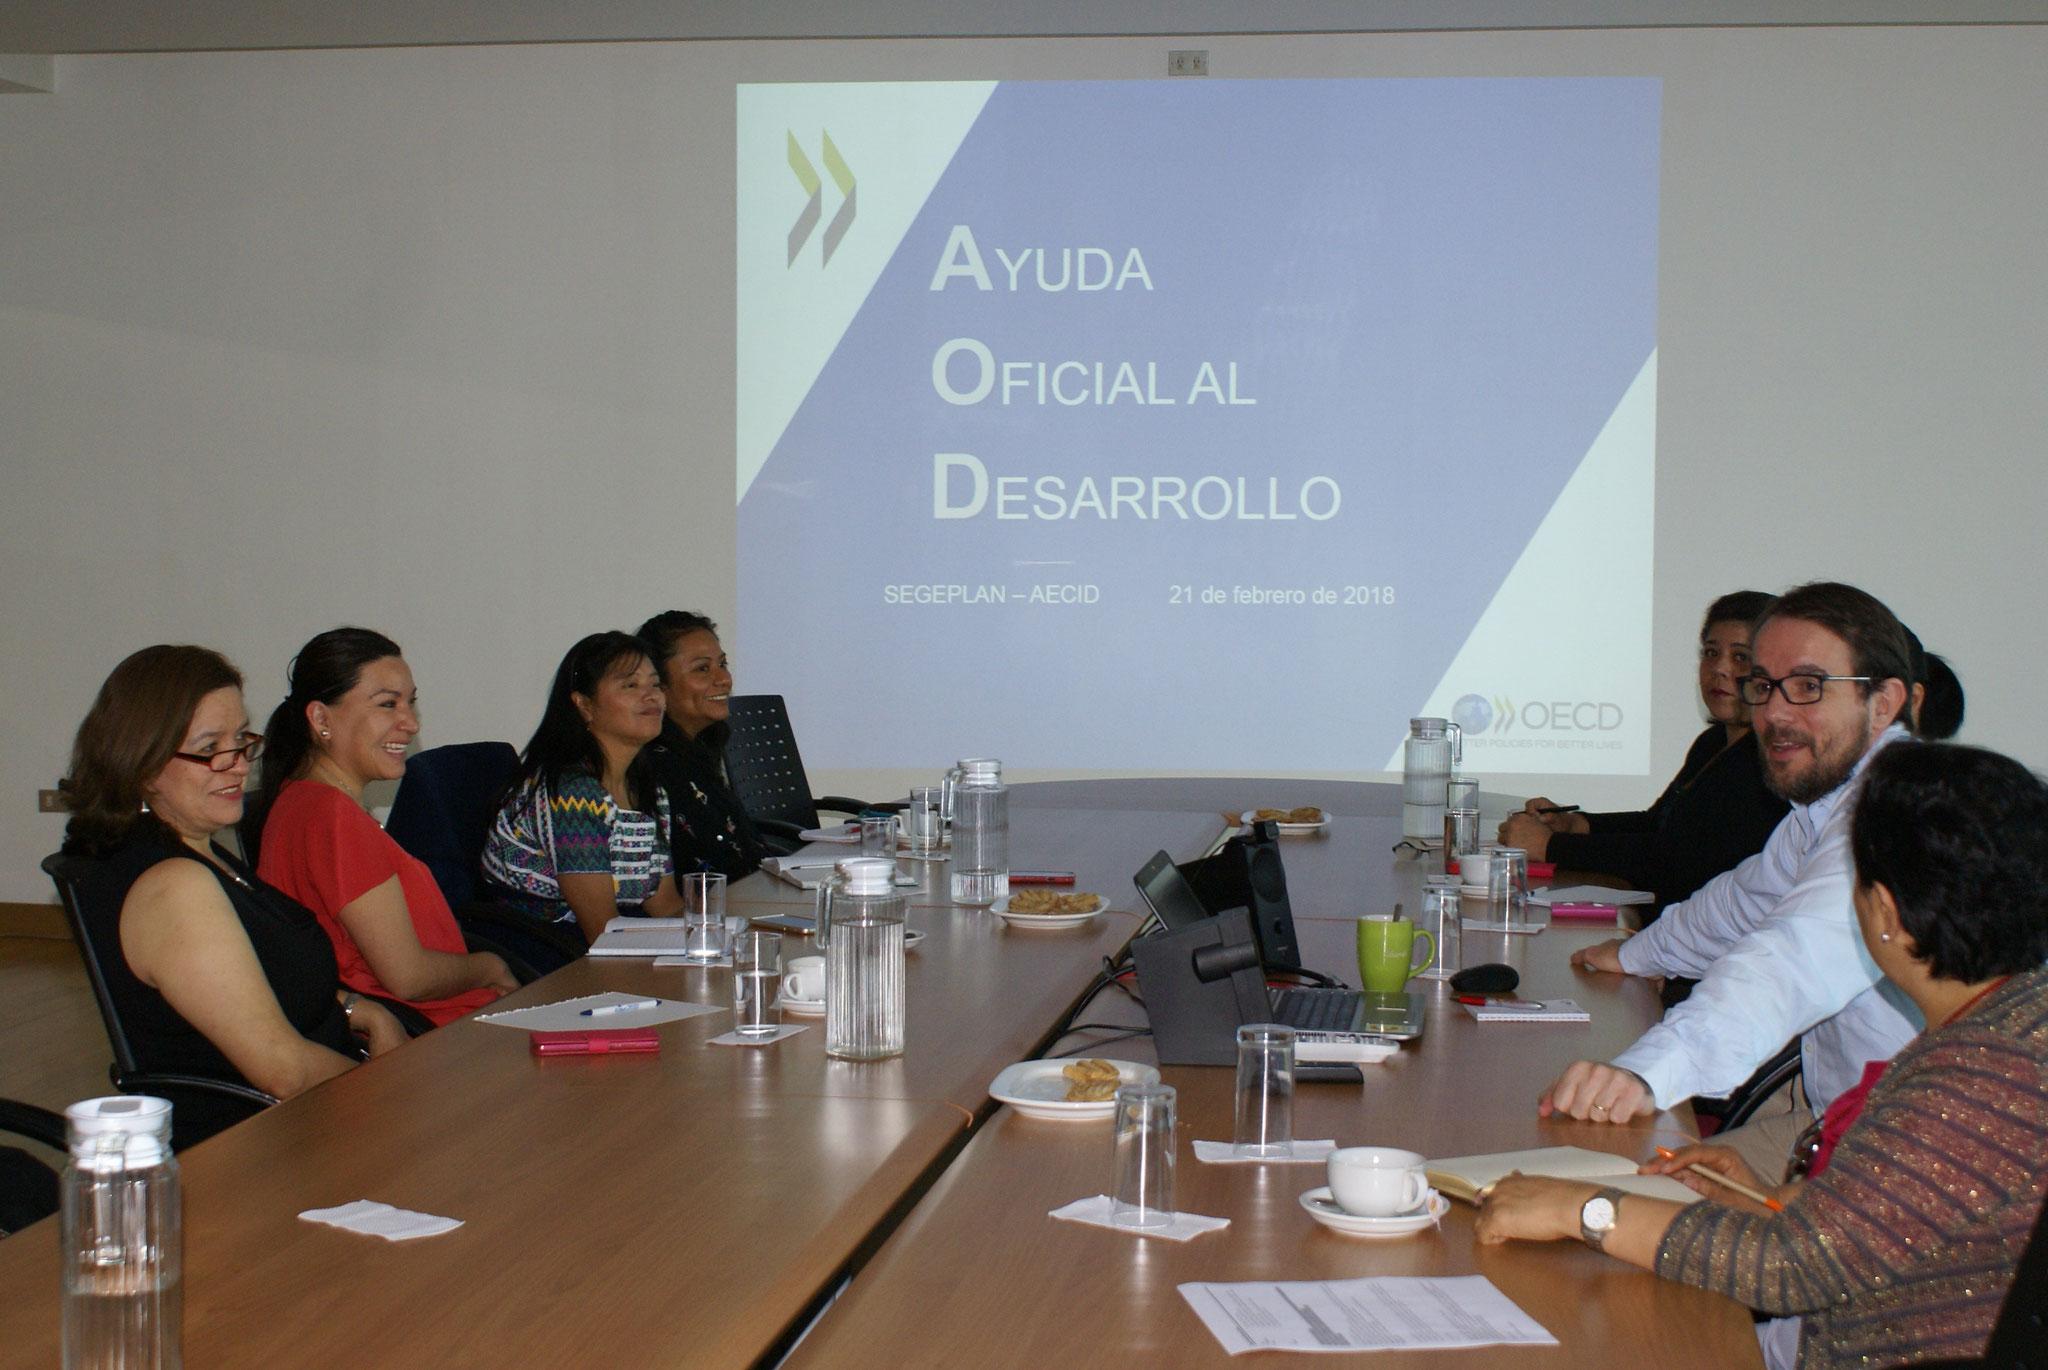 Encuentro formativo sobre OCDE y AOD